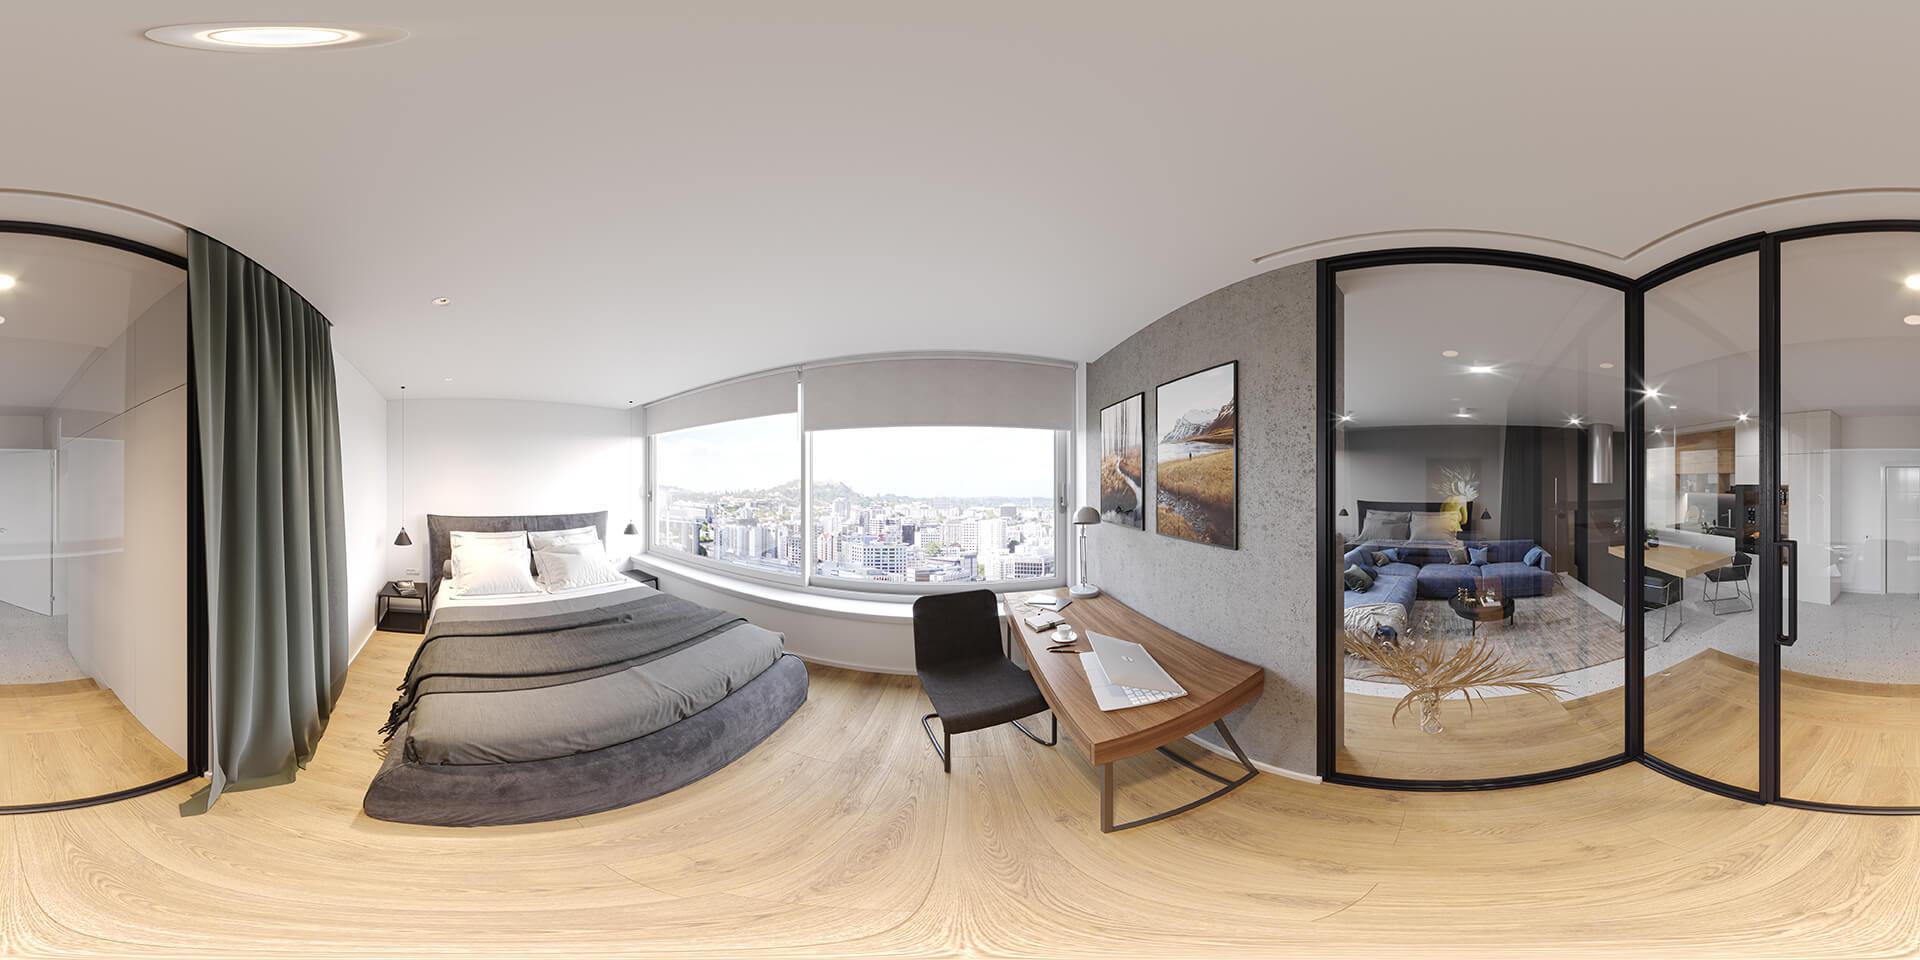 Viewing Virtual Tours of Houses in Fisheye Mode